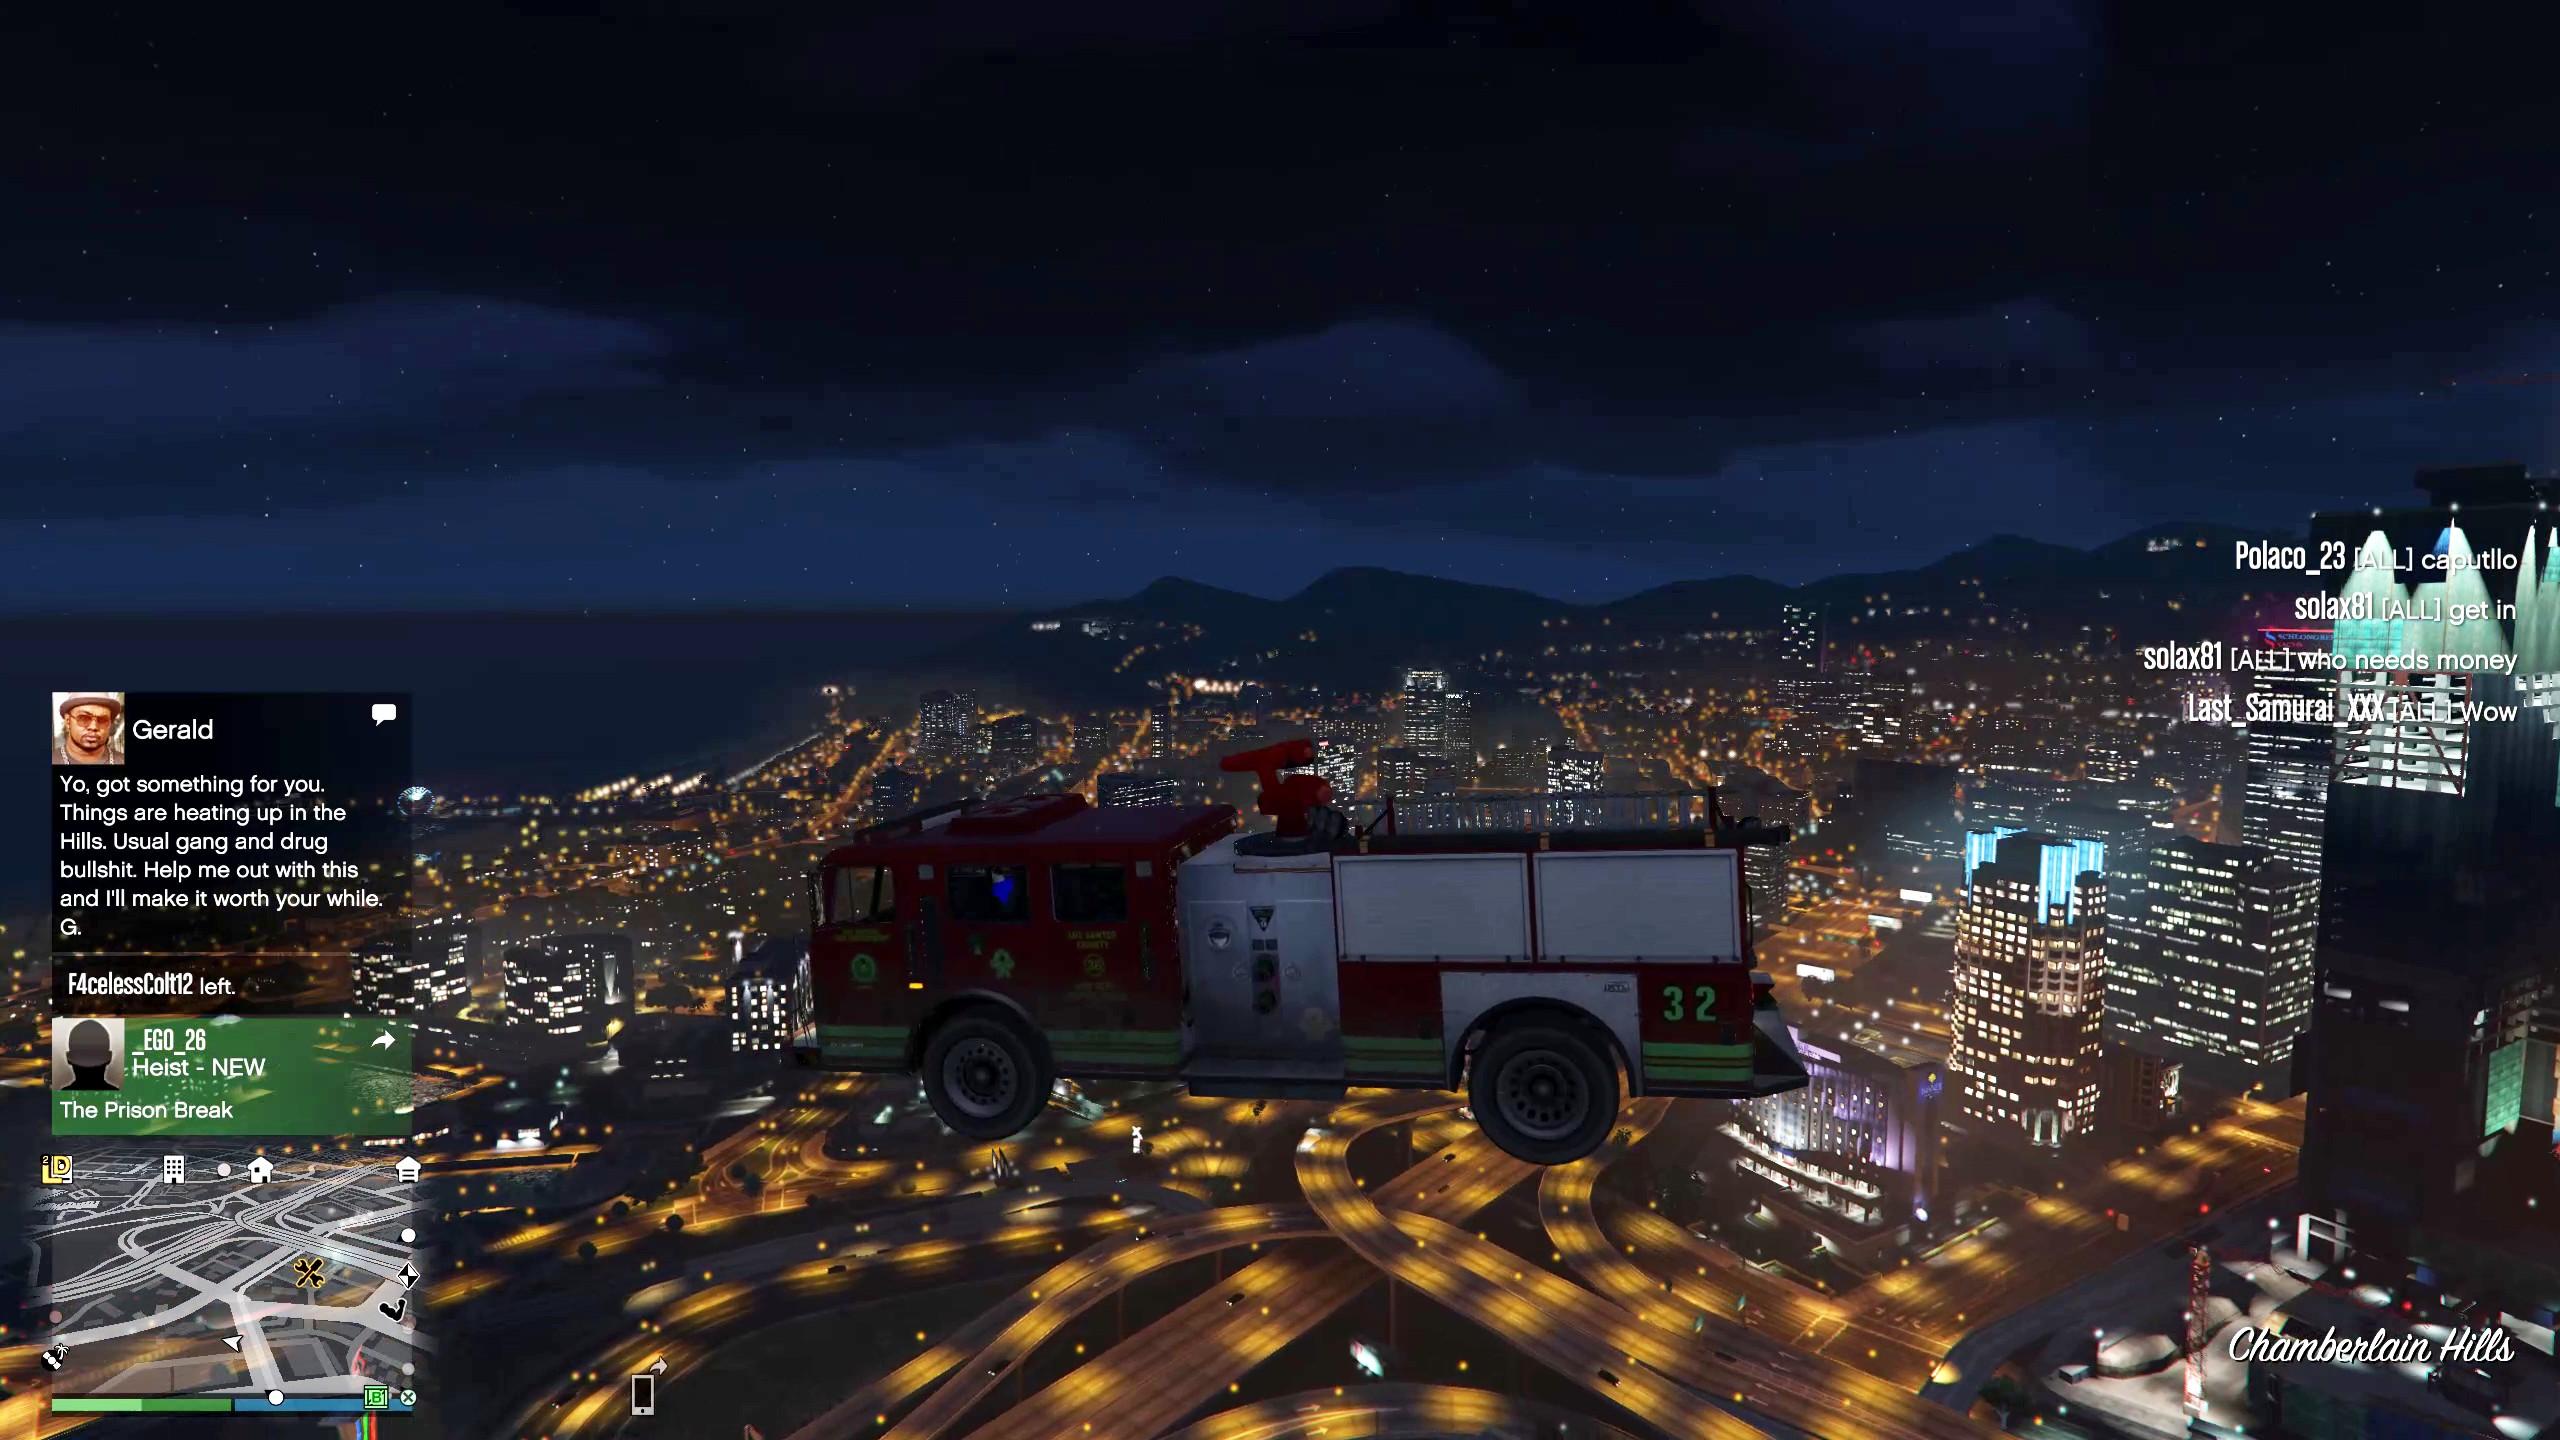 Regarde, un camion de pompiers volant